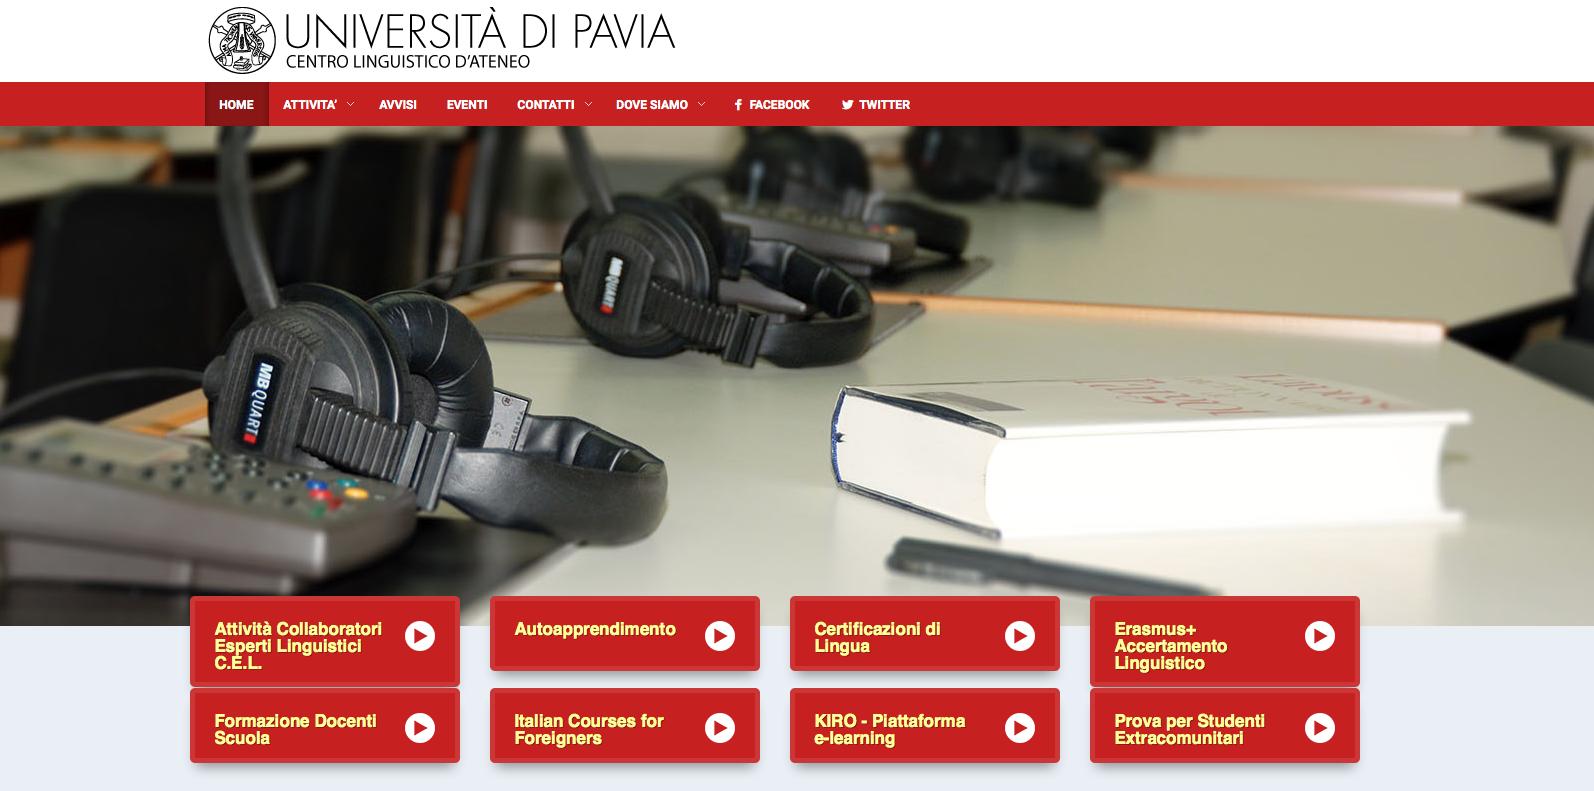 Online il nuovo sito del Centro Linguistico